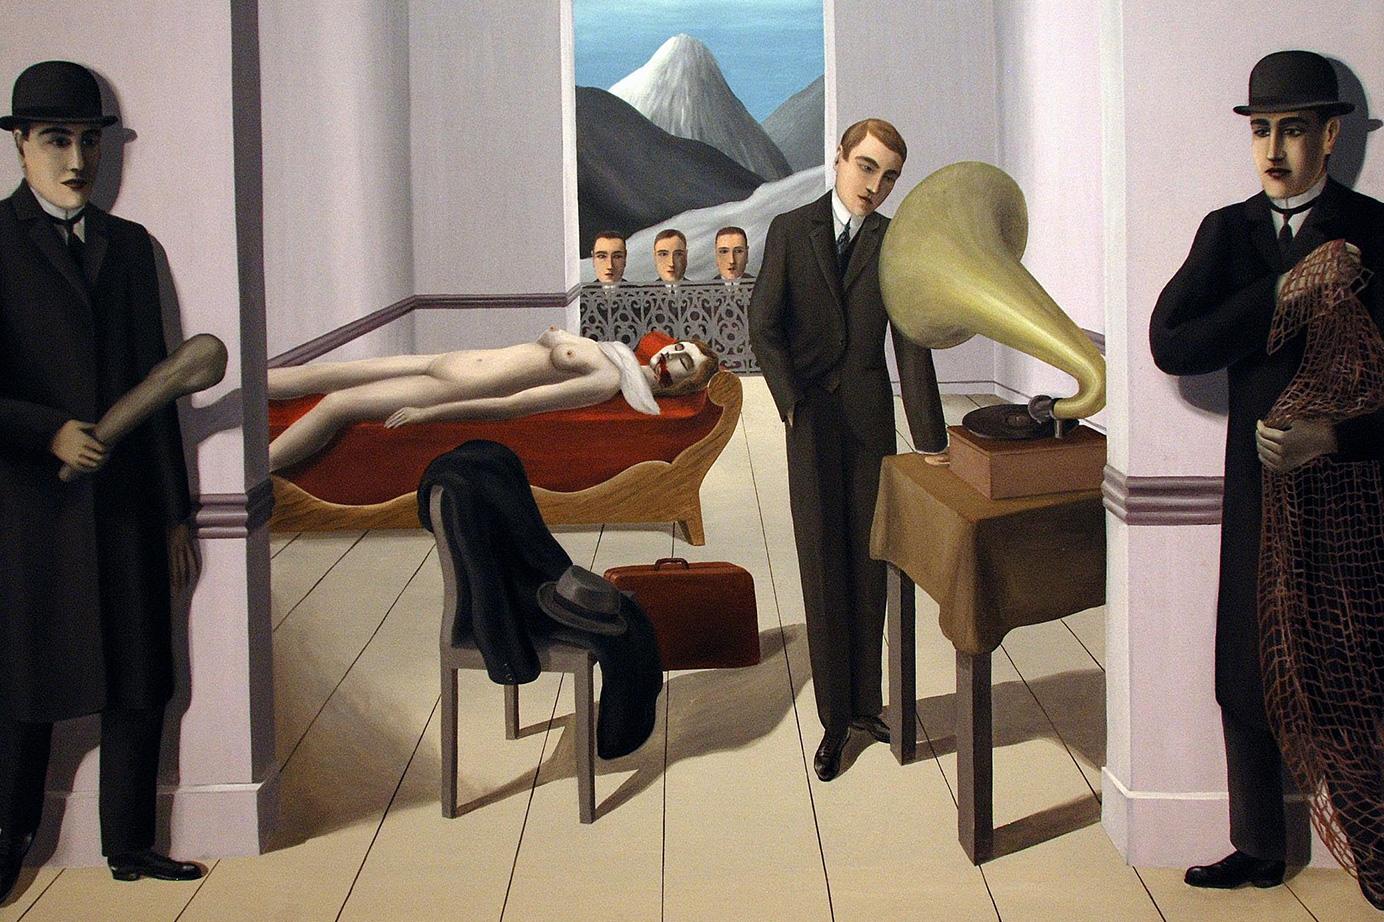 L'Assassin menacé by René Magritte, 1927. Museum of Modern Art, New York.